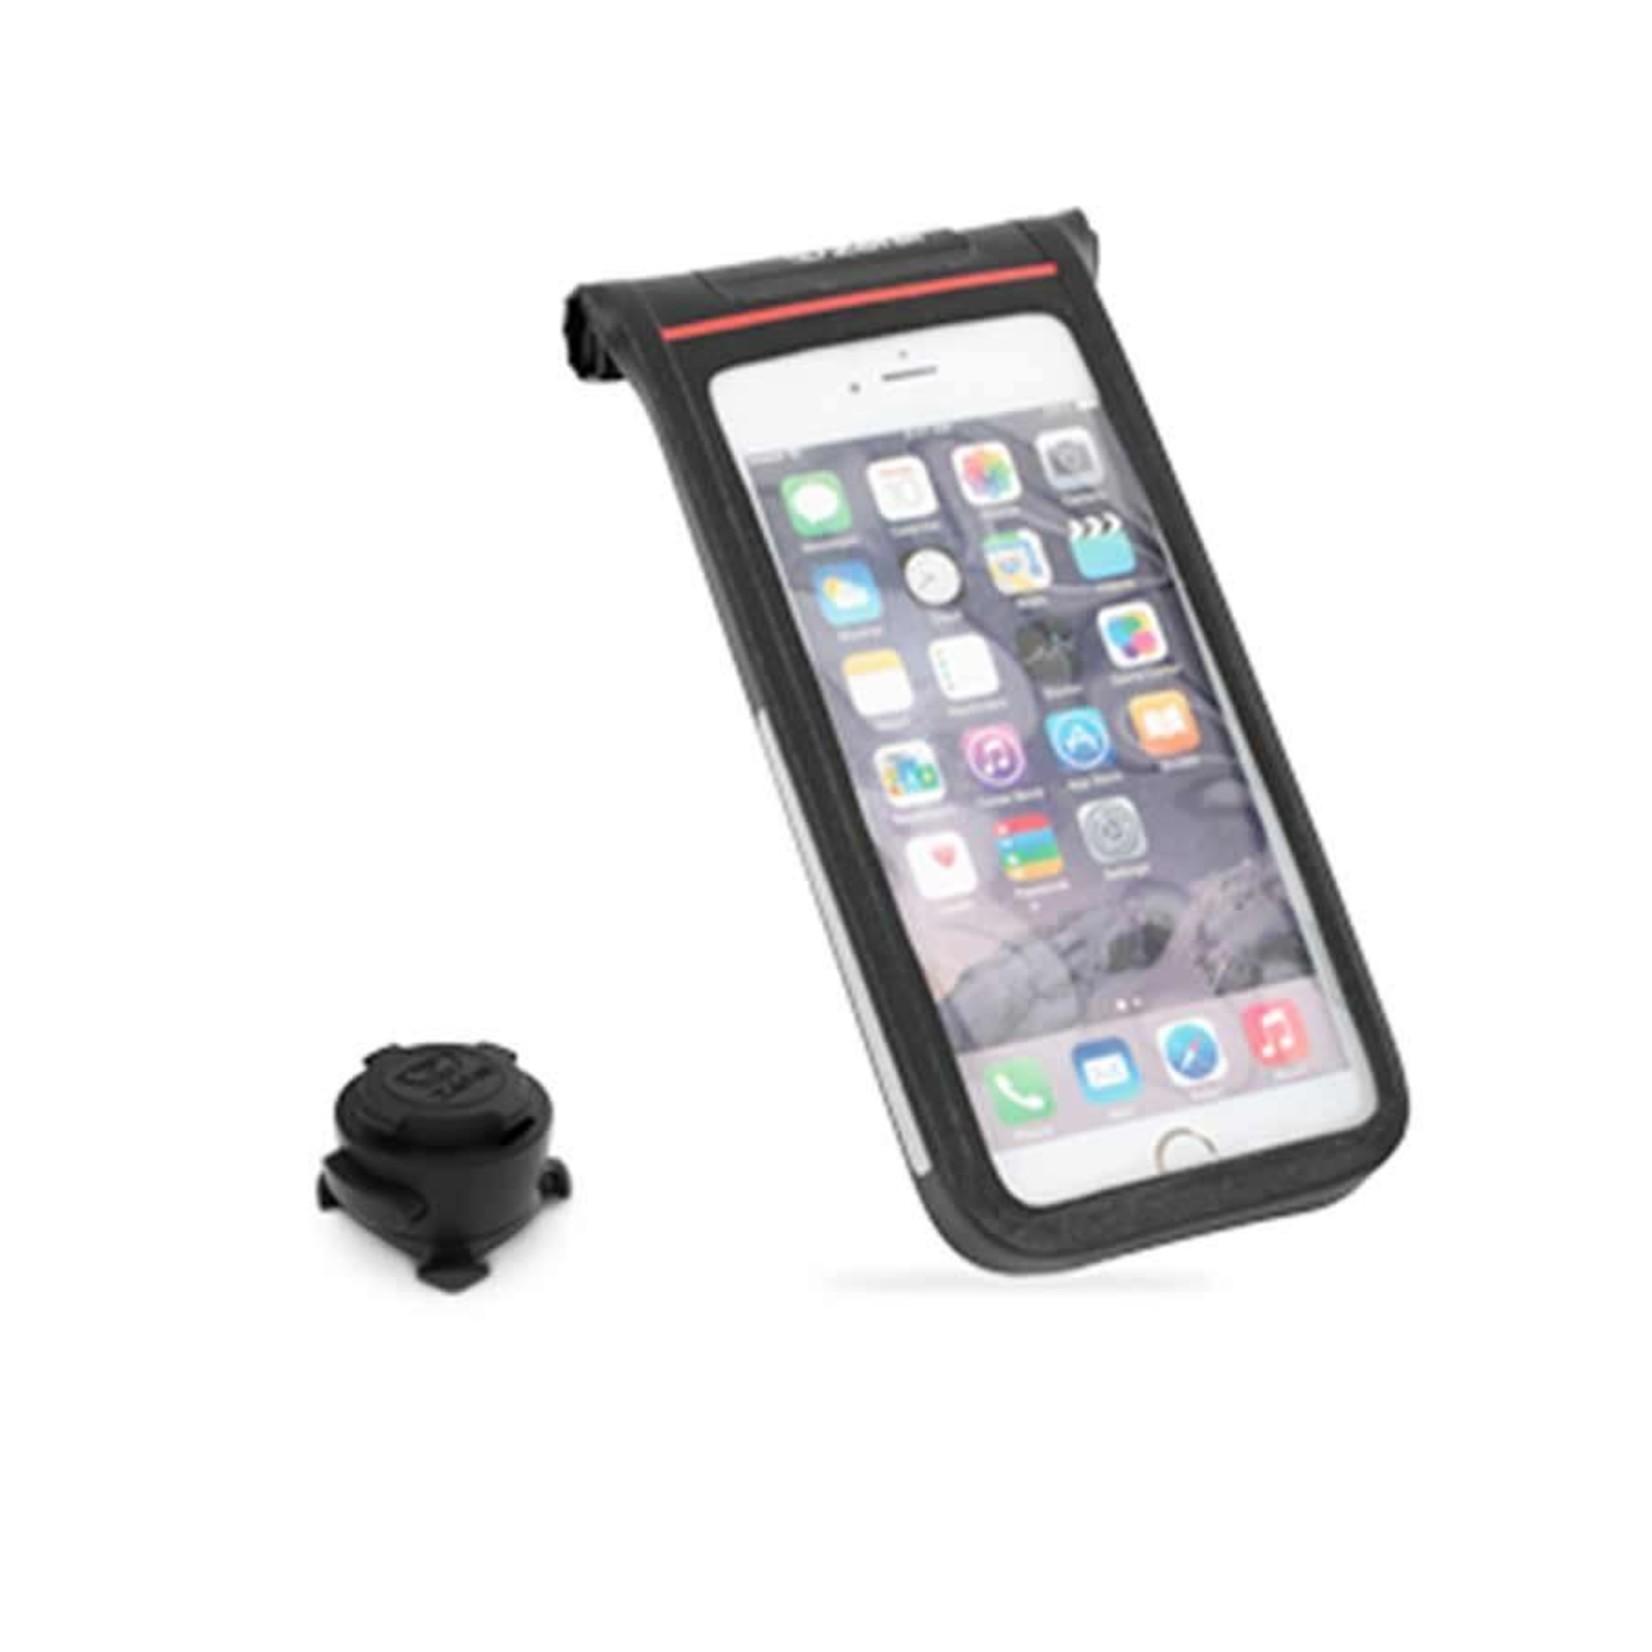 Zefal Zefal Z Console Dry Phone Mount